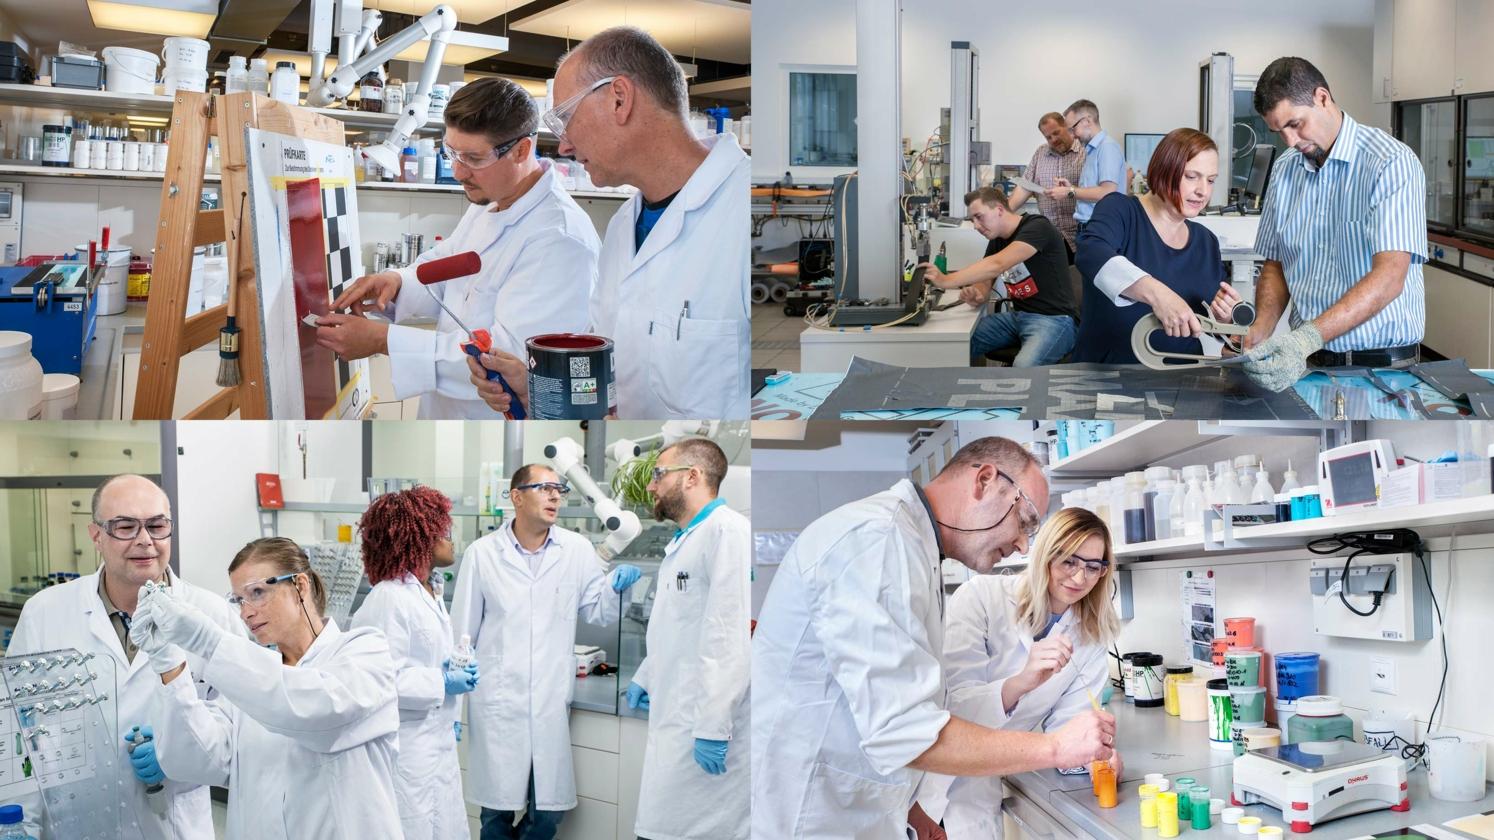 Medewerkers in het laboratorium